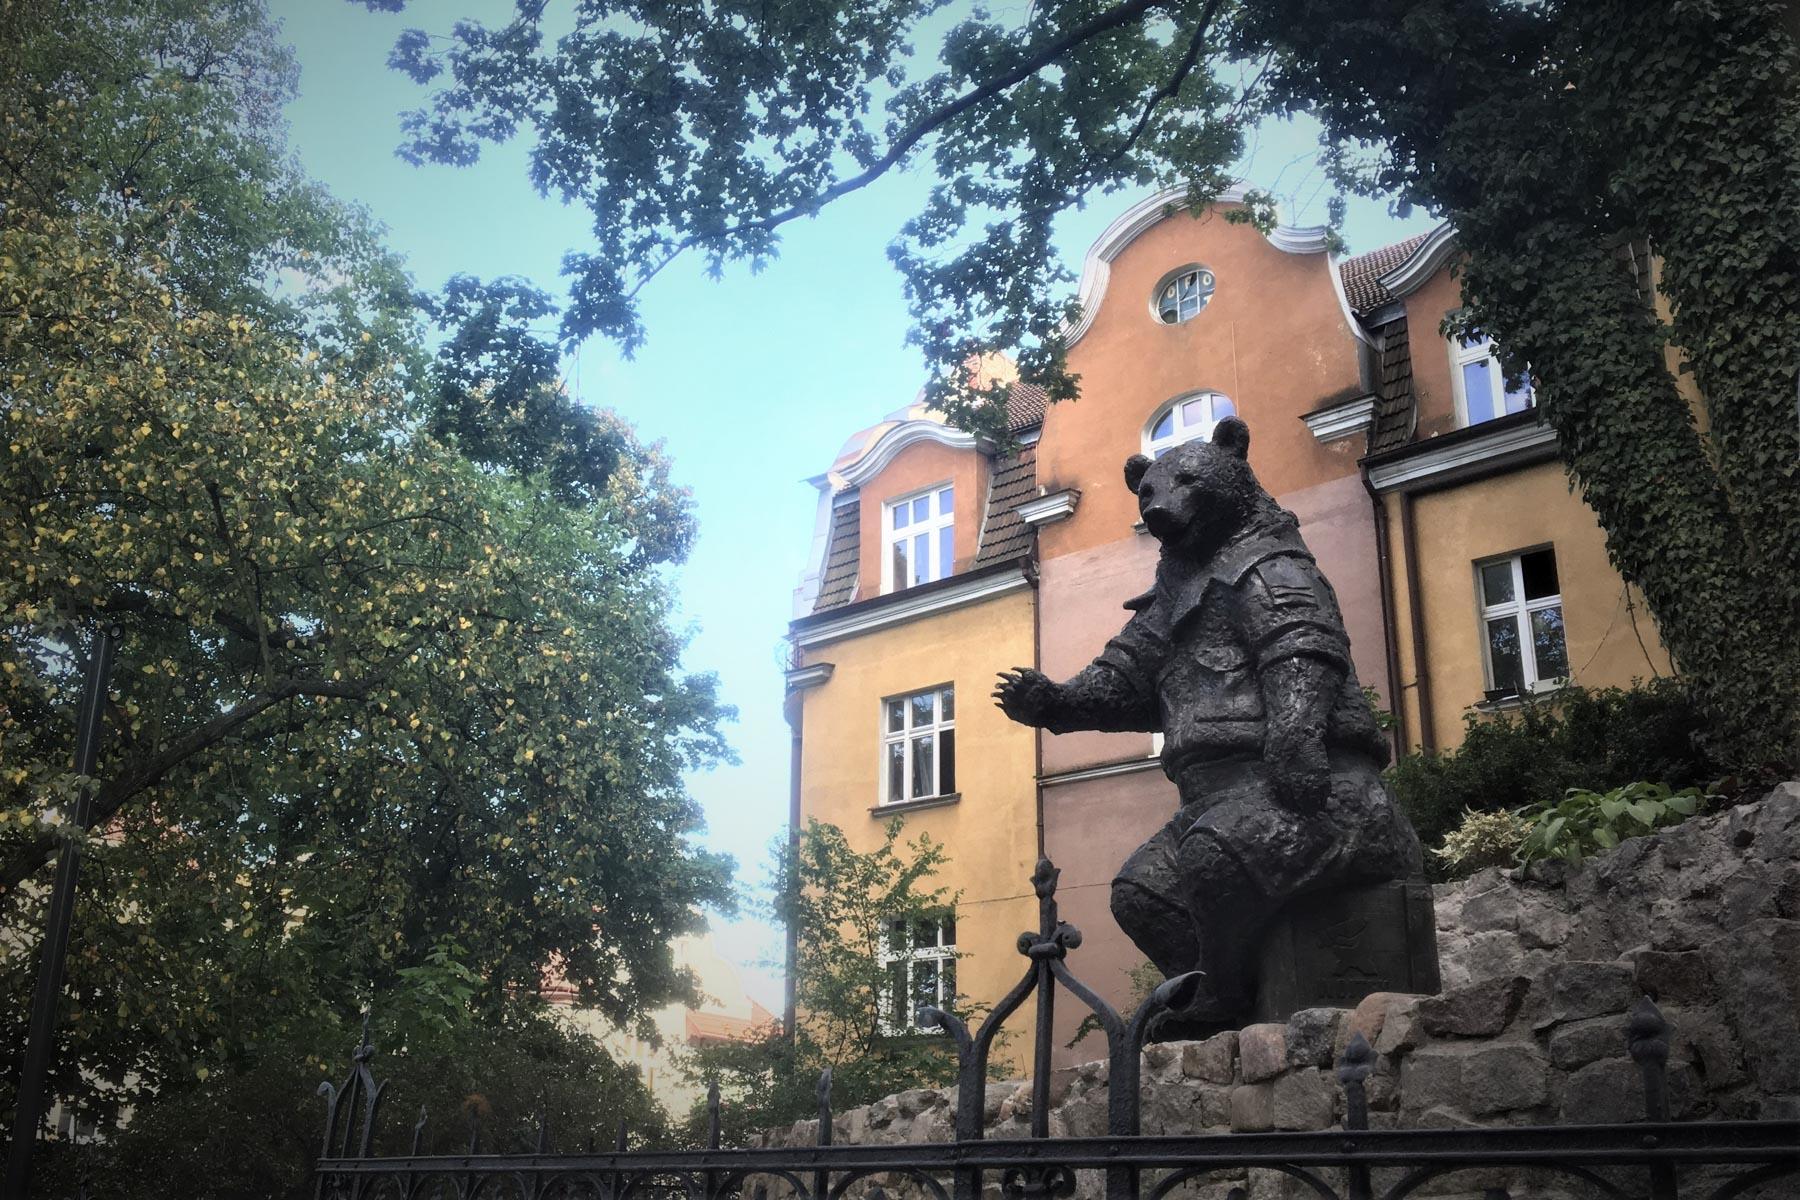 Wojtek the Soldier Bear honoured on Monciak